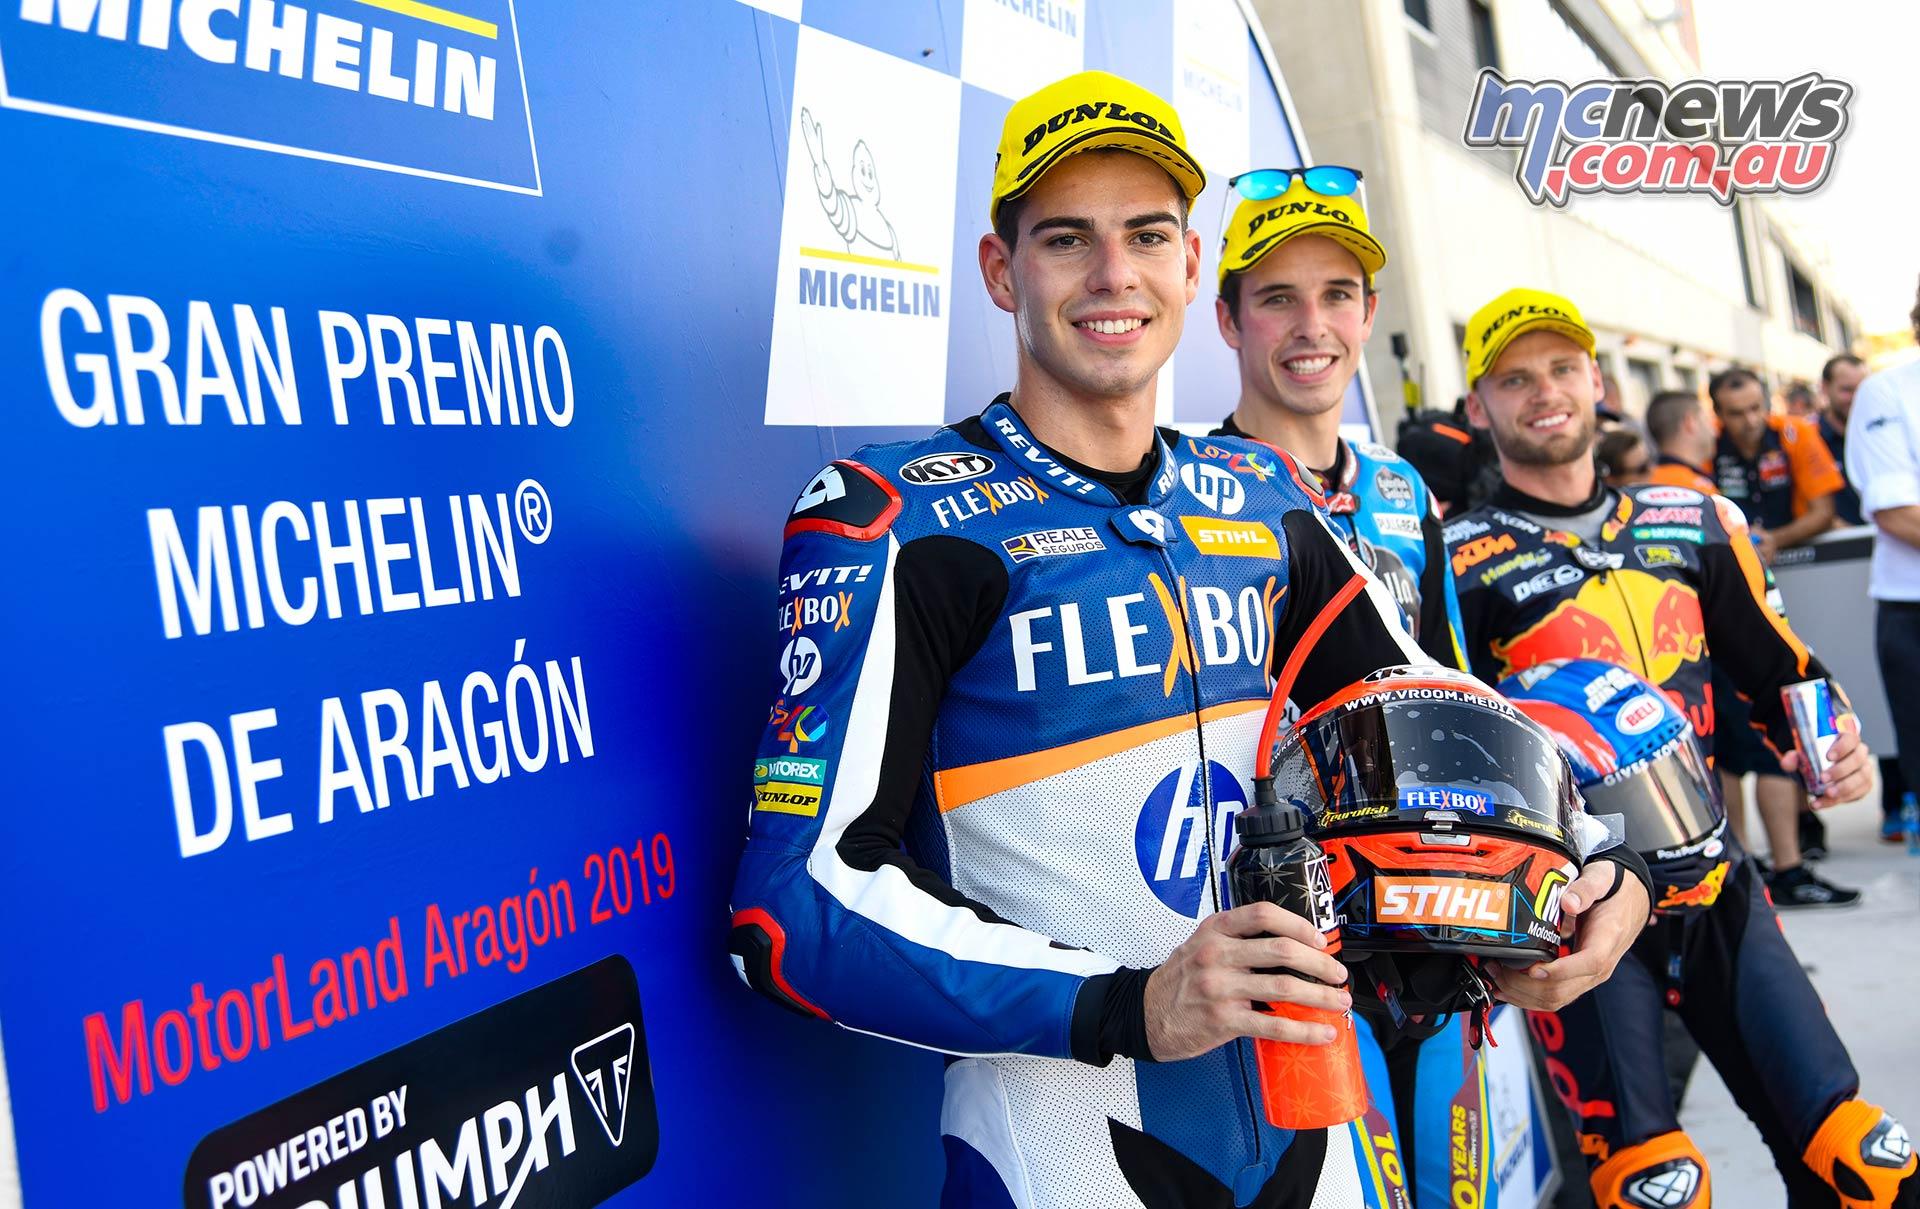 MotoGP Rnd Aragon QP Moto Front row L R Fernandez Marquez and Binder